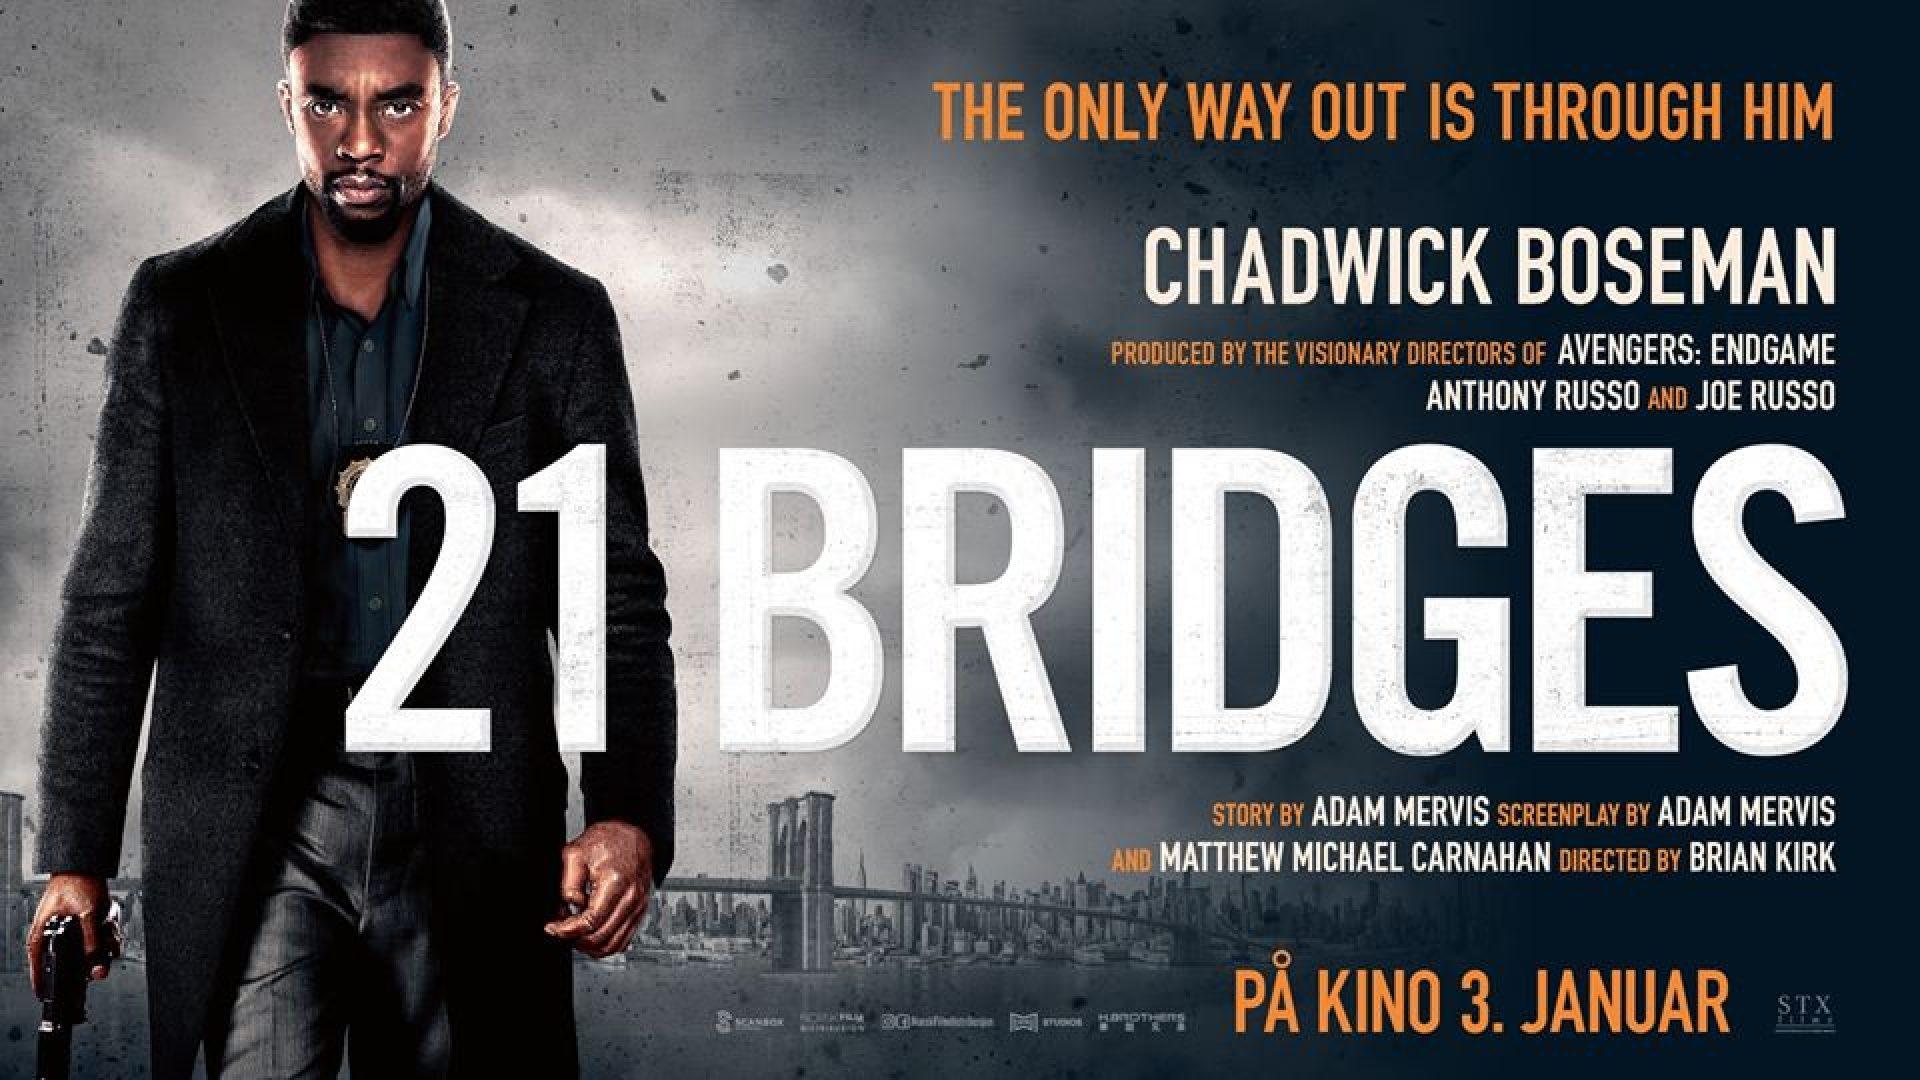 Fra filmen 21 Bridges